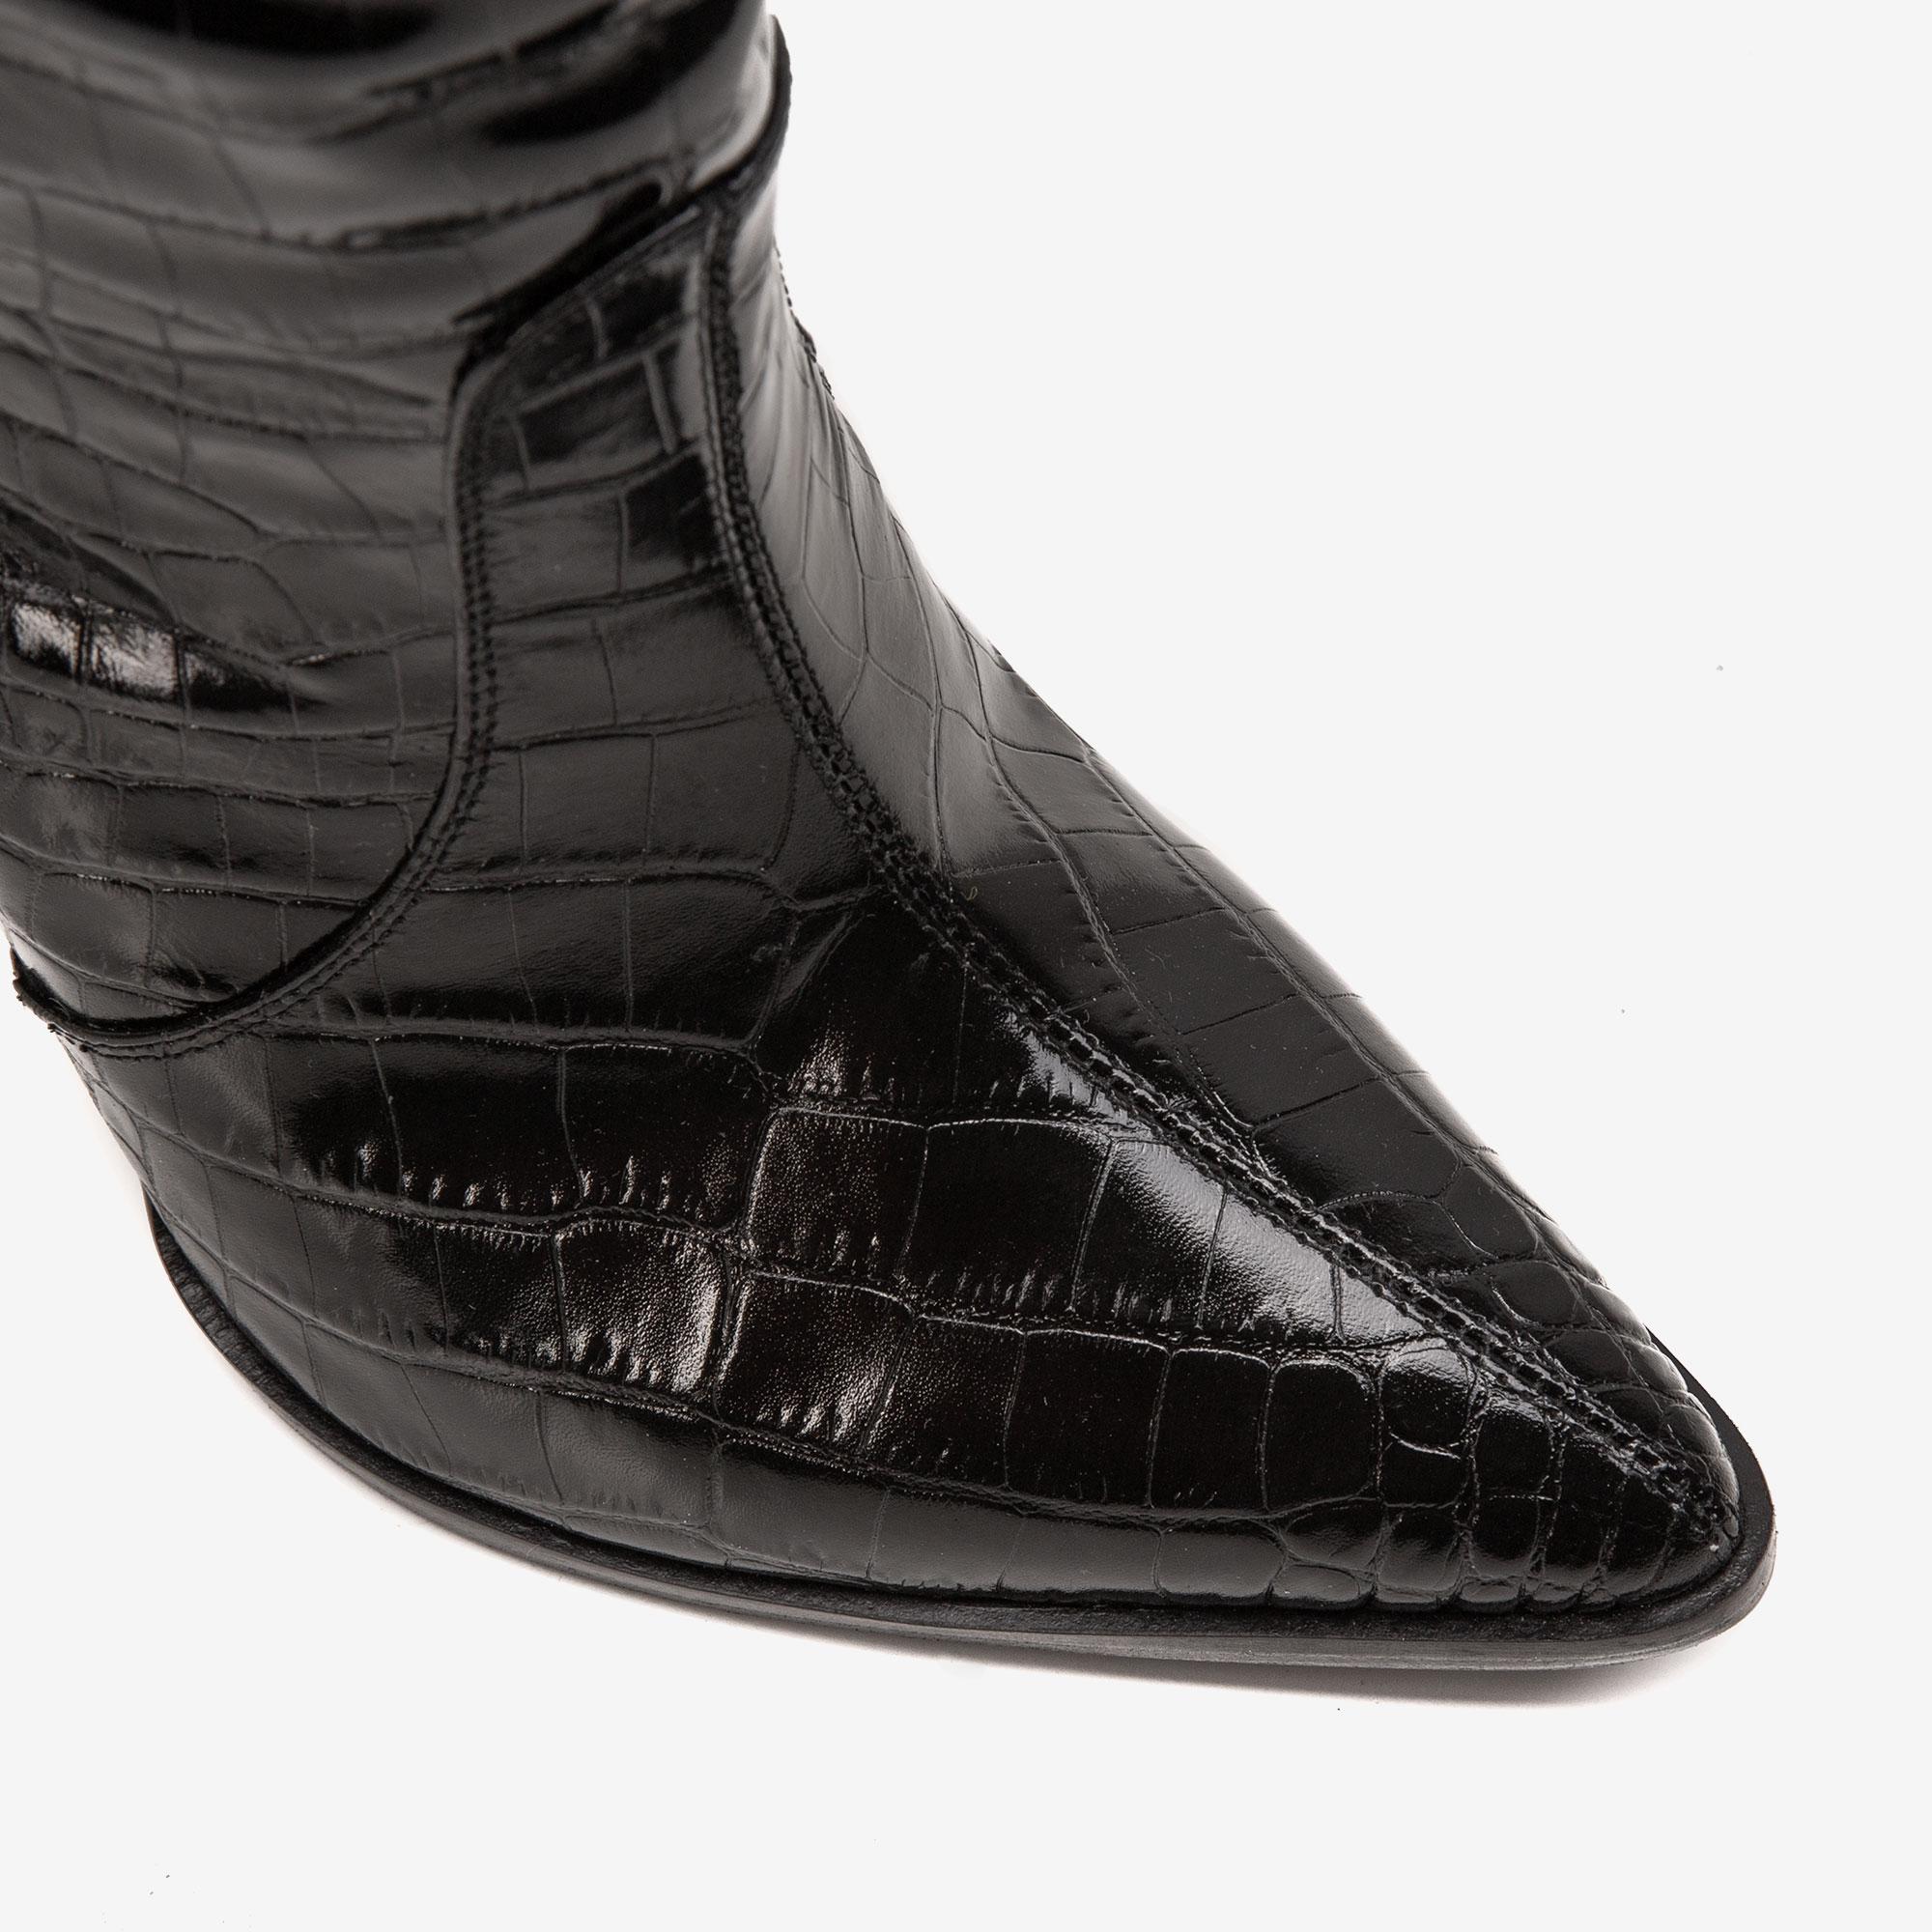 Cizme din piele neagra stantata croco si toc drept Ginissima imagine 1